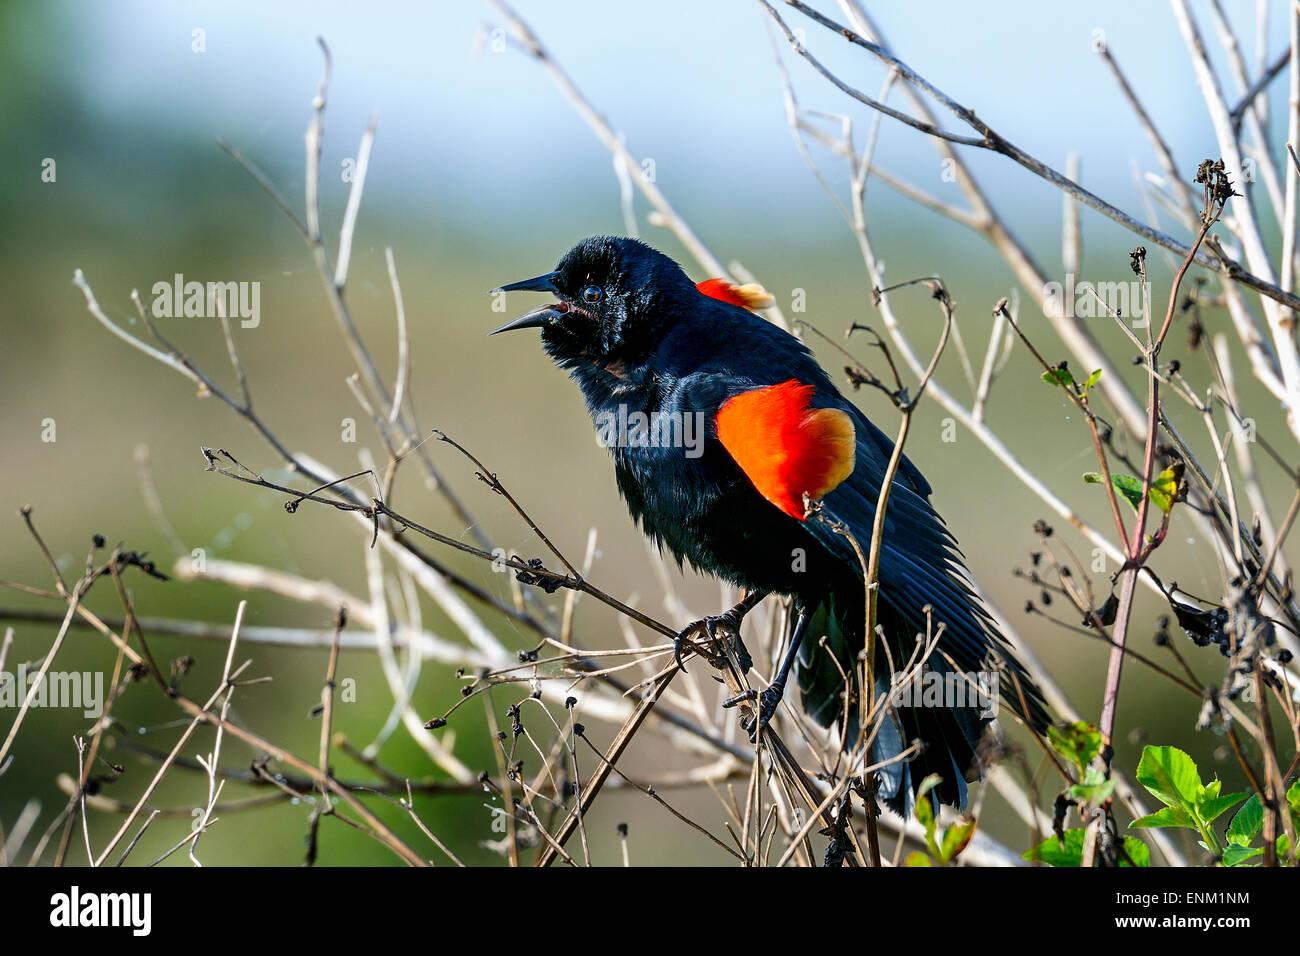 agelaius phoeniceus, red-winged blackbird, viera, florida - Stock Image